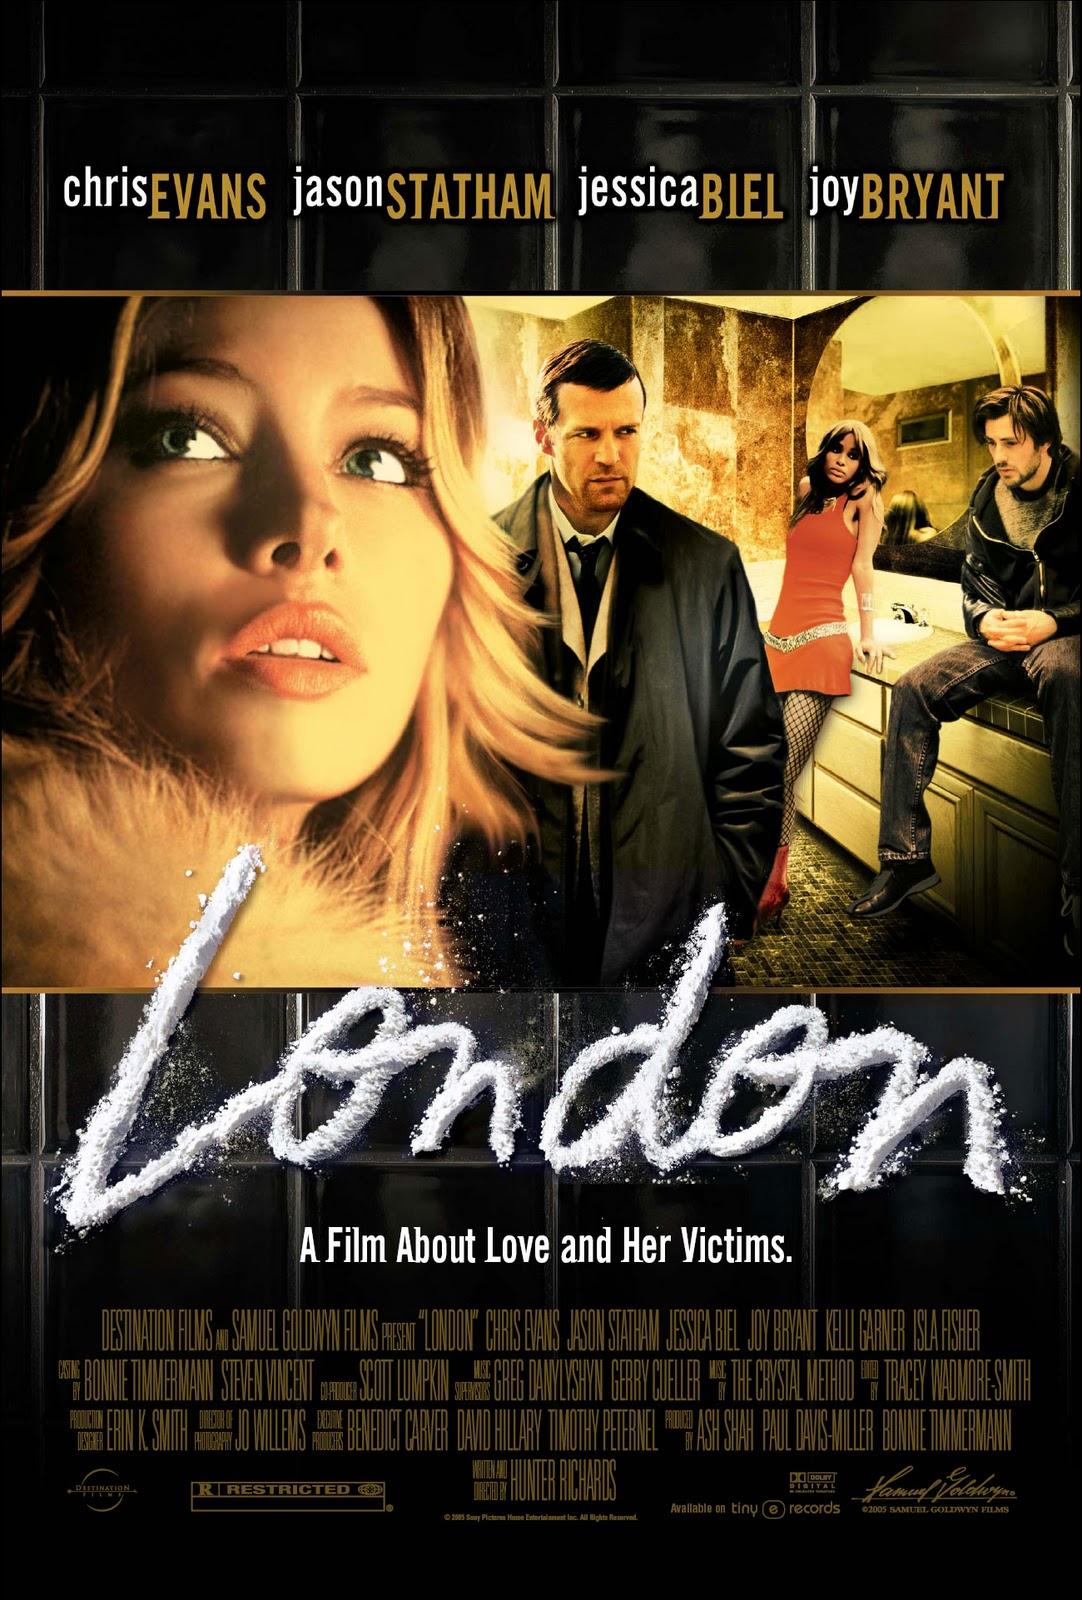 http://1.bp.blogspot.com/_UjjlK0Vs4BQ/TSdPgq_JU5I/AAAAAAAAF2A/prPSDXjrK9U/s1600/movieposter+london.jpg